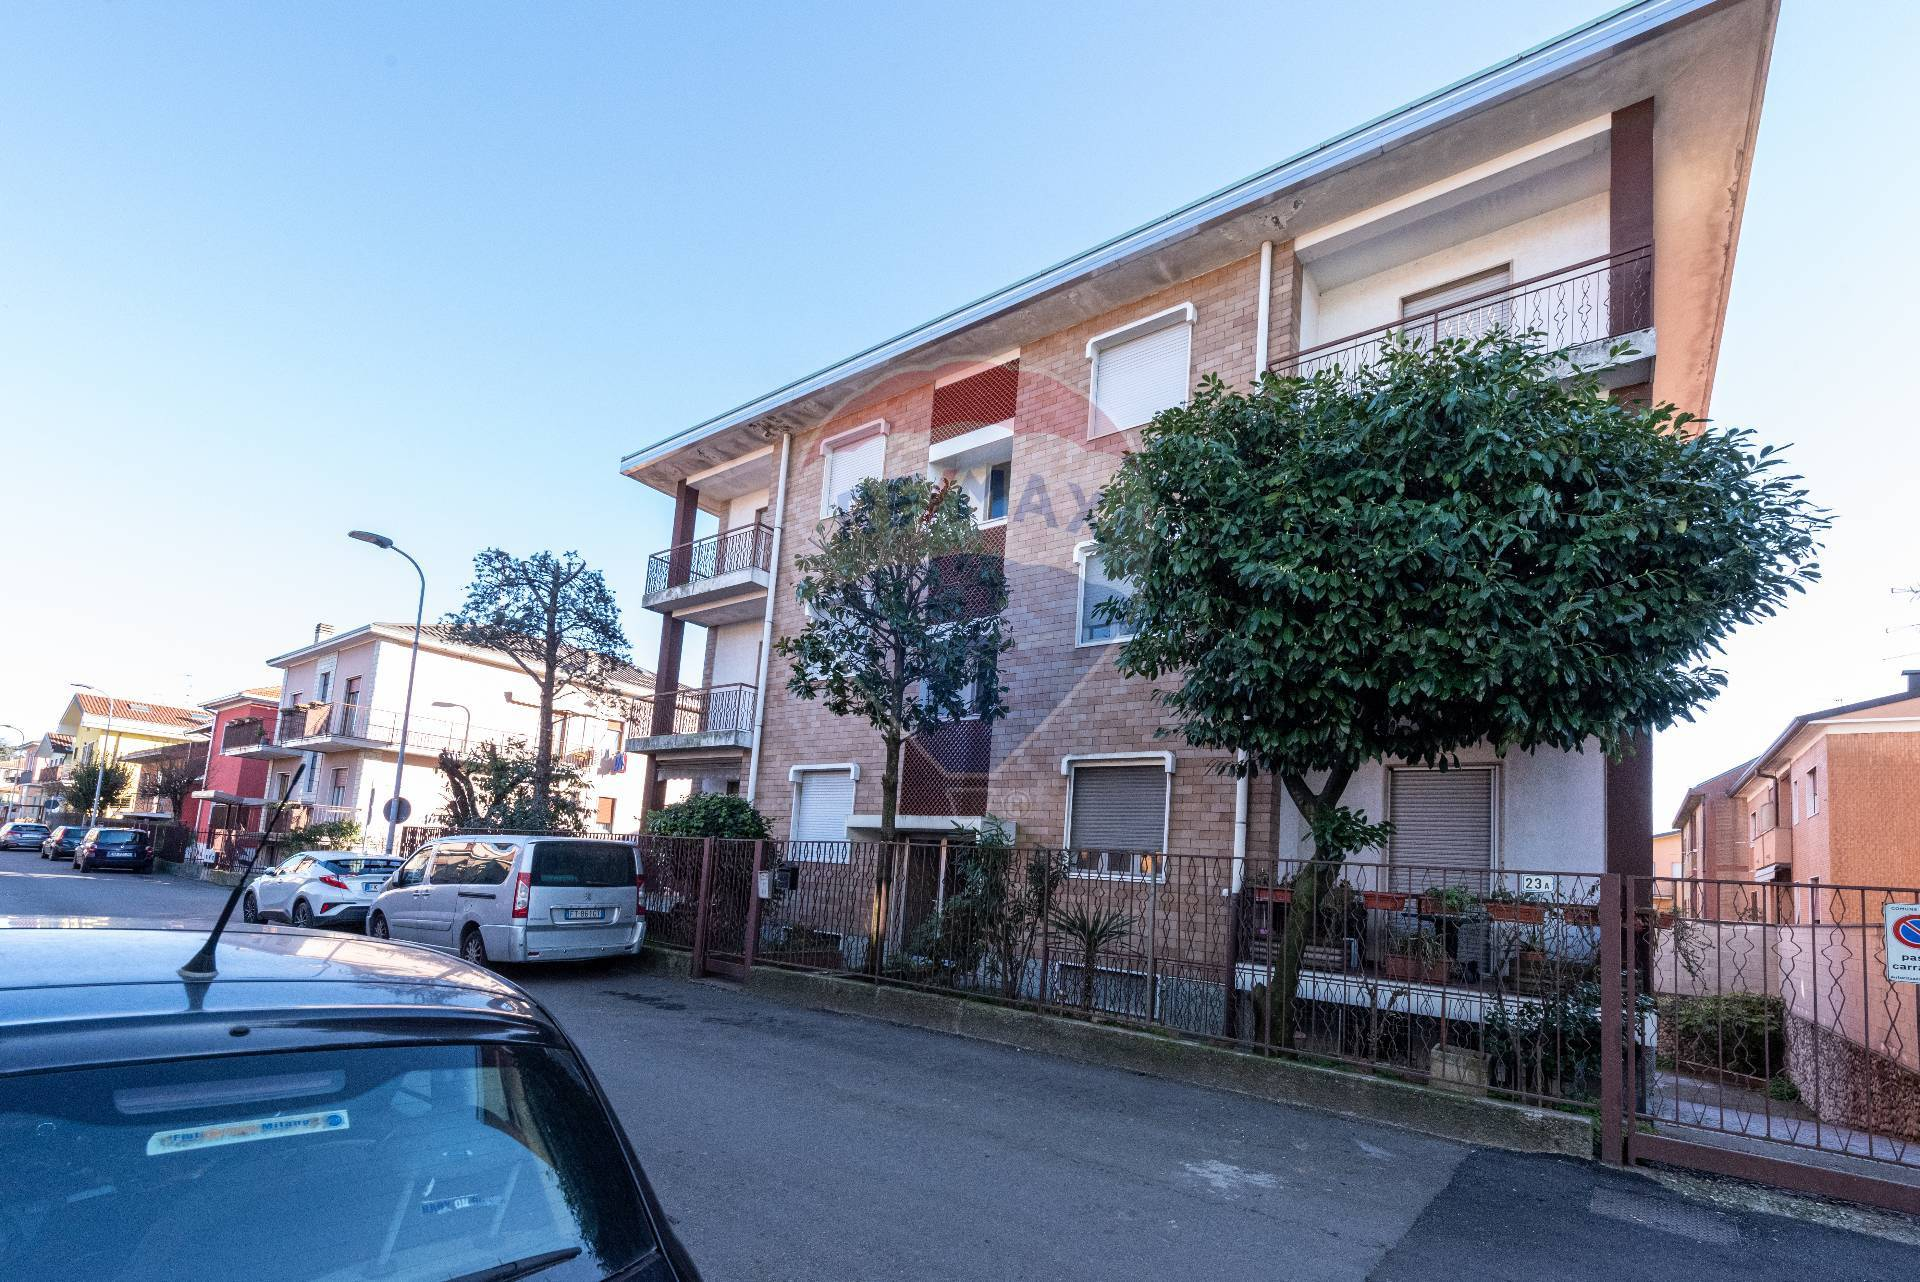 Appartamento in vendita a Pero, 3 locali, zona Zona: Cerchiate, prezzo € 144.000   CambioCasa.it